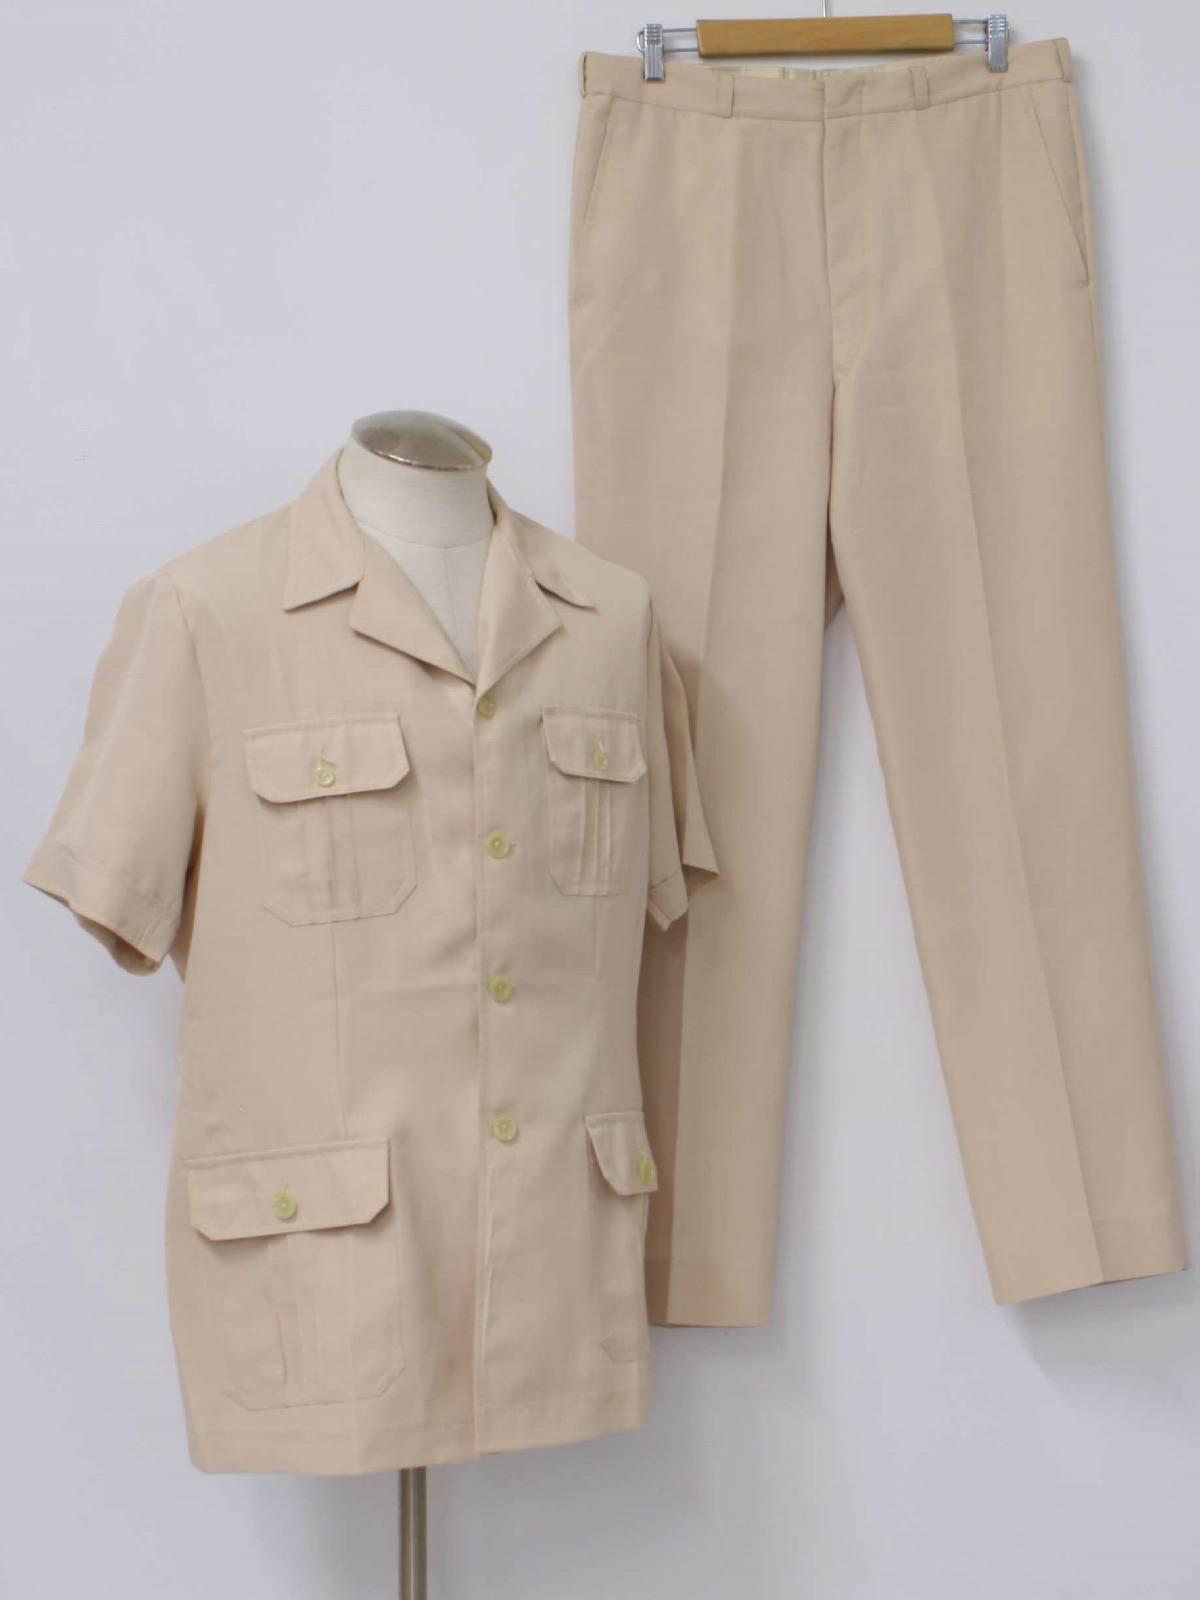 Vintage Safari Suit, Leisure Suit, Safari Jacket